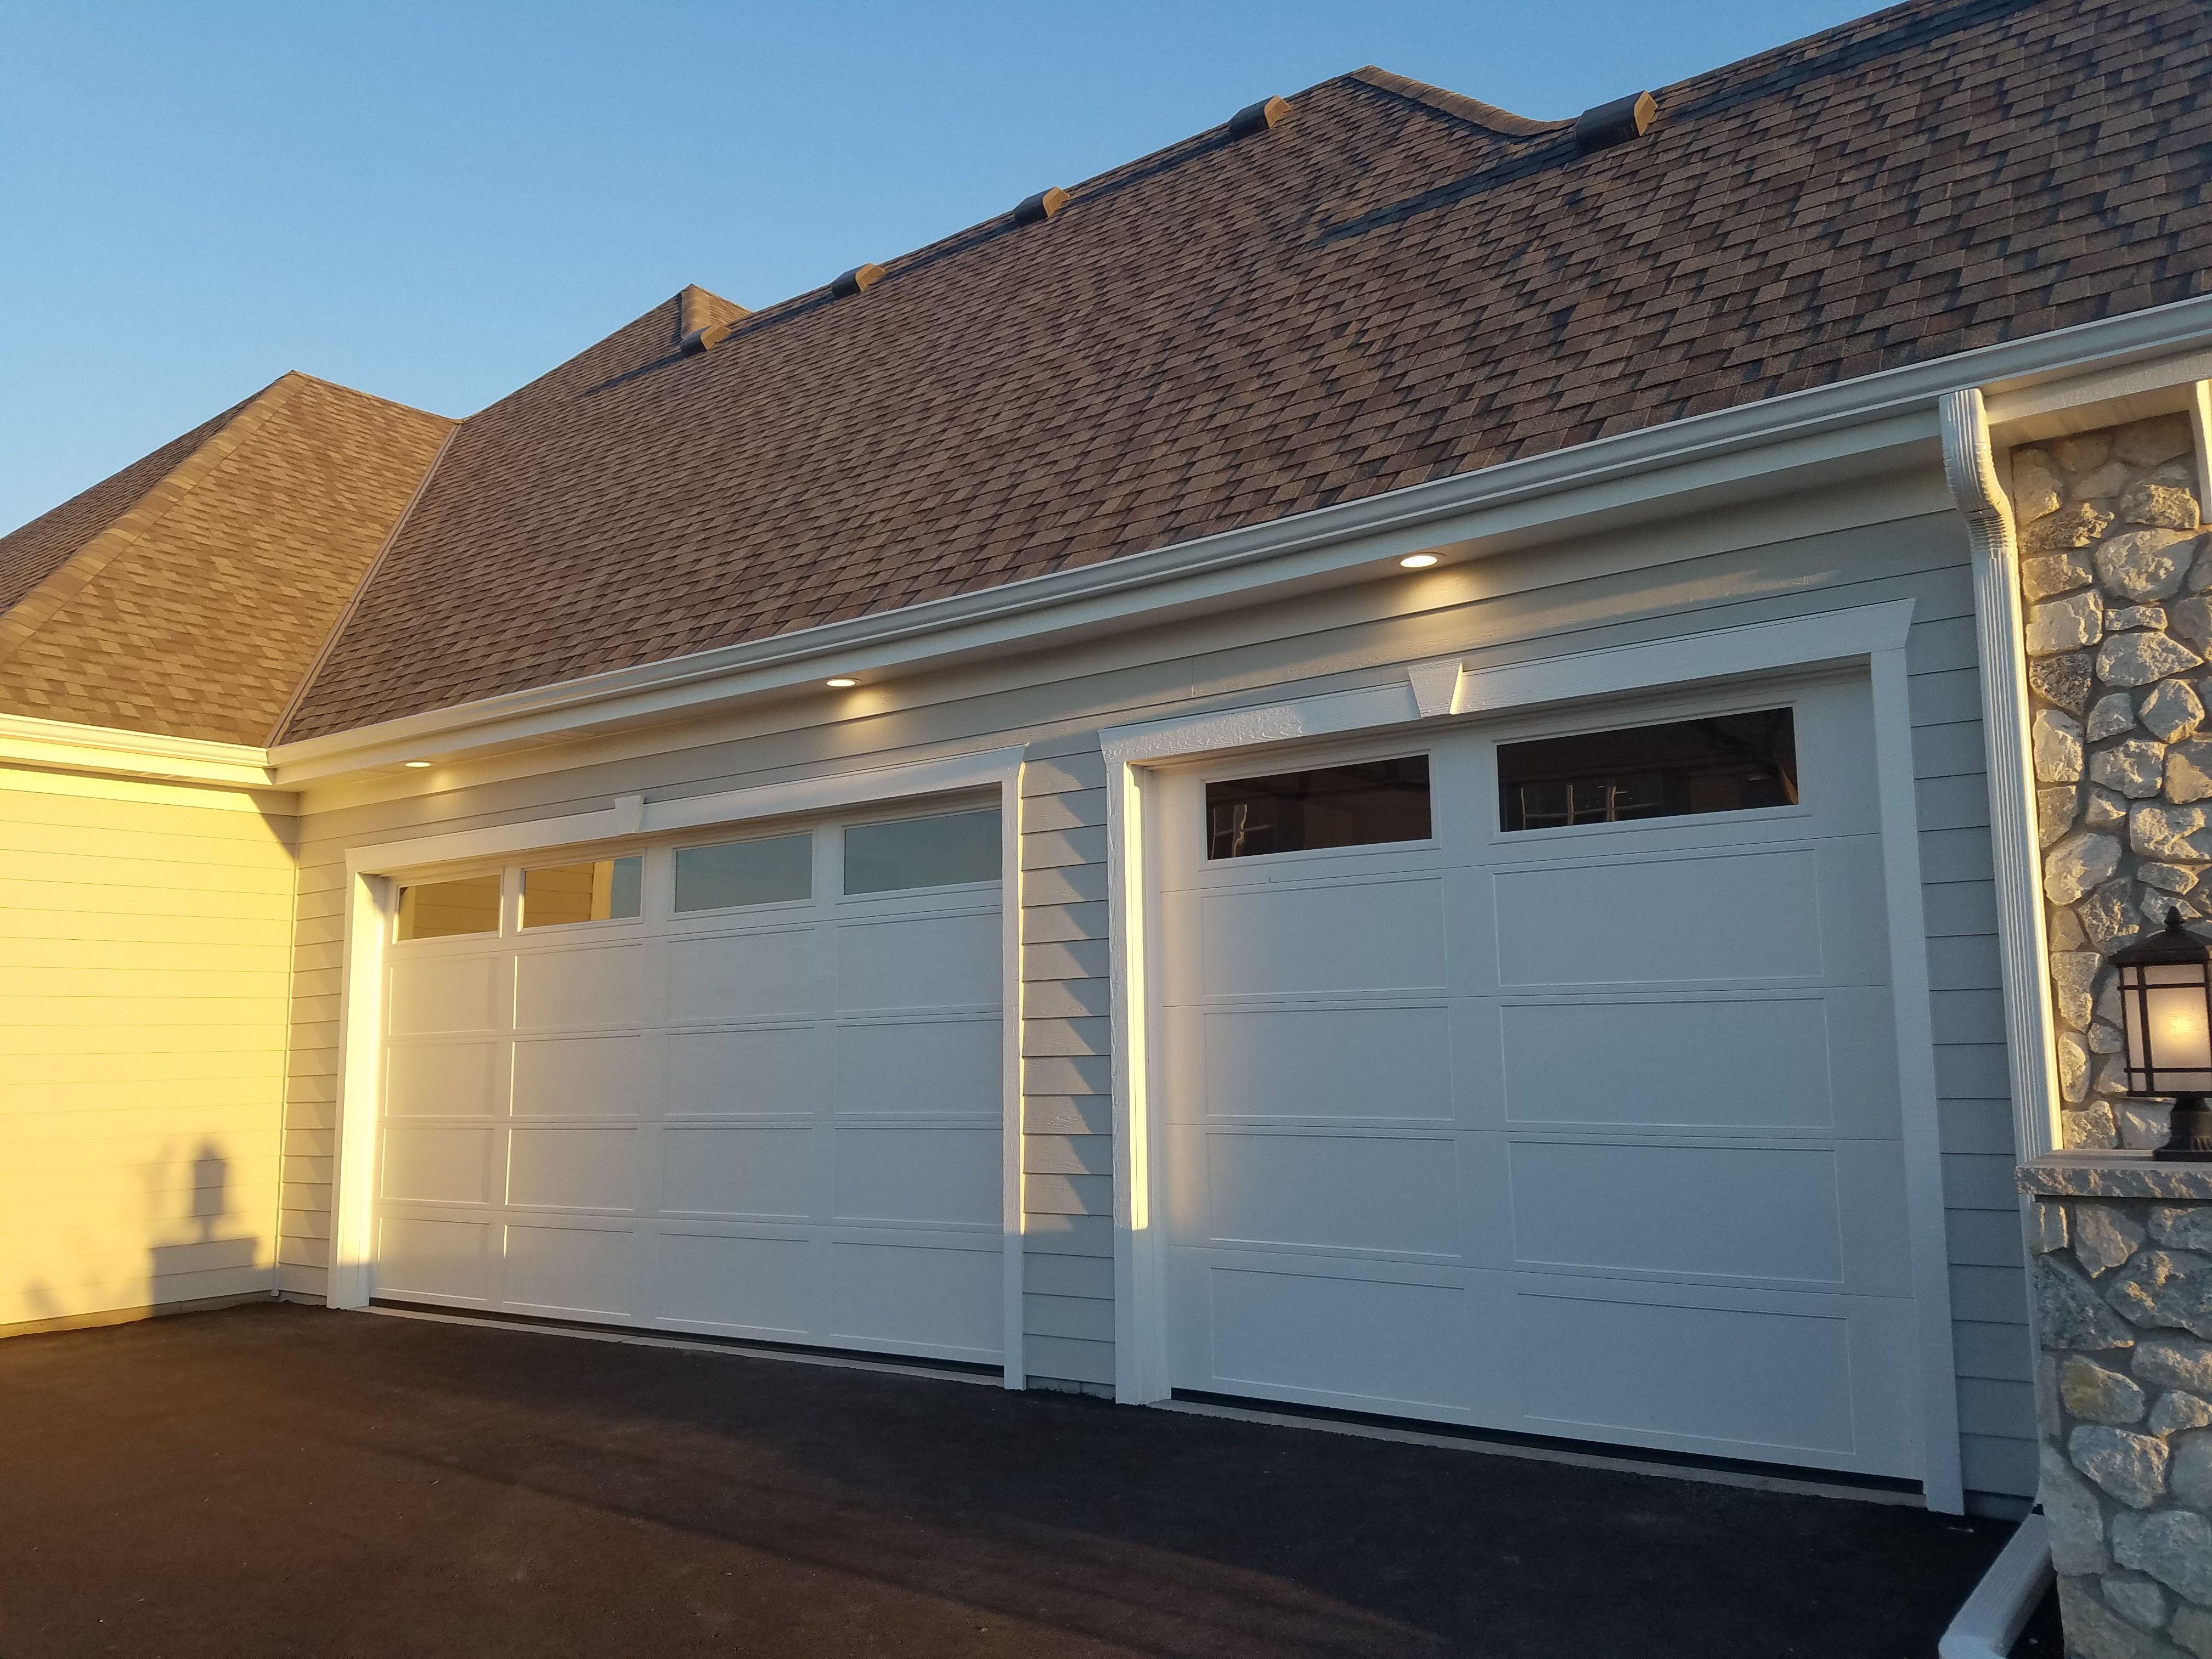 Another View Of Recessed Lighting Above A Garage Door